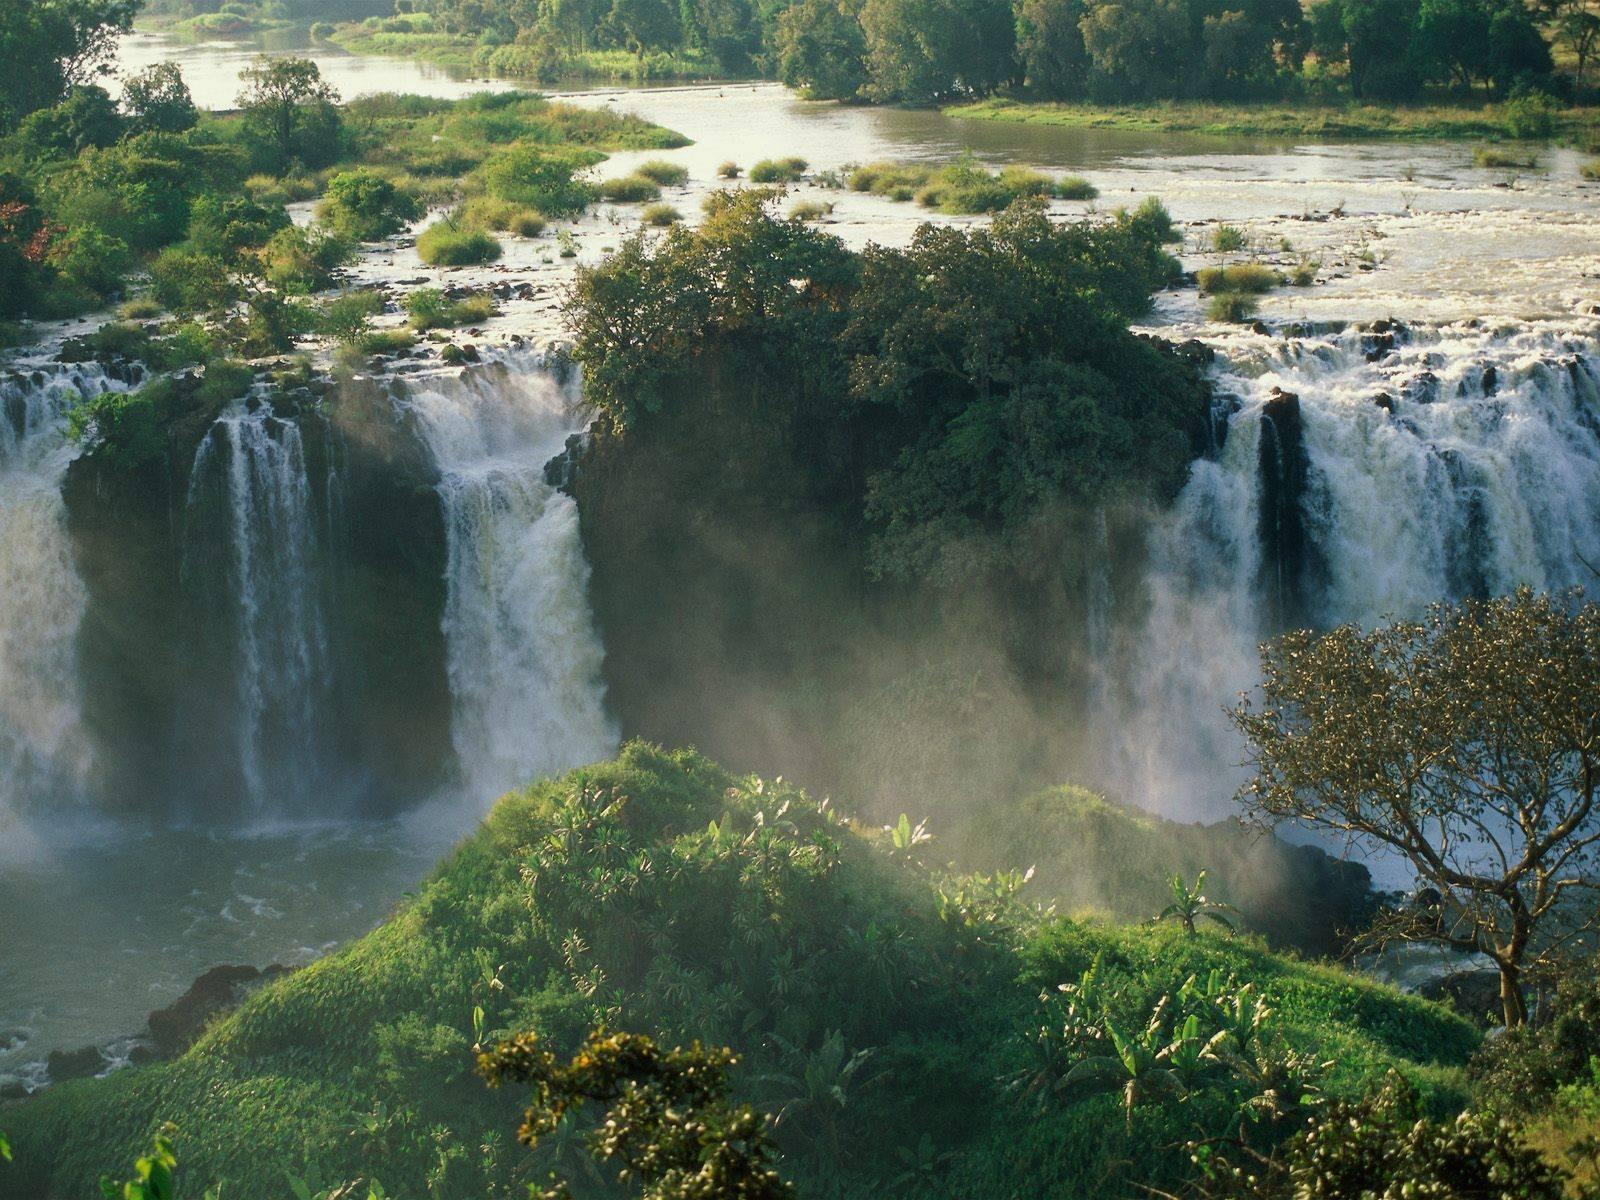 ethiopia continued� art mundus